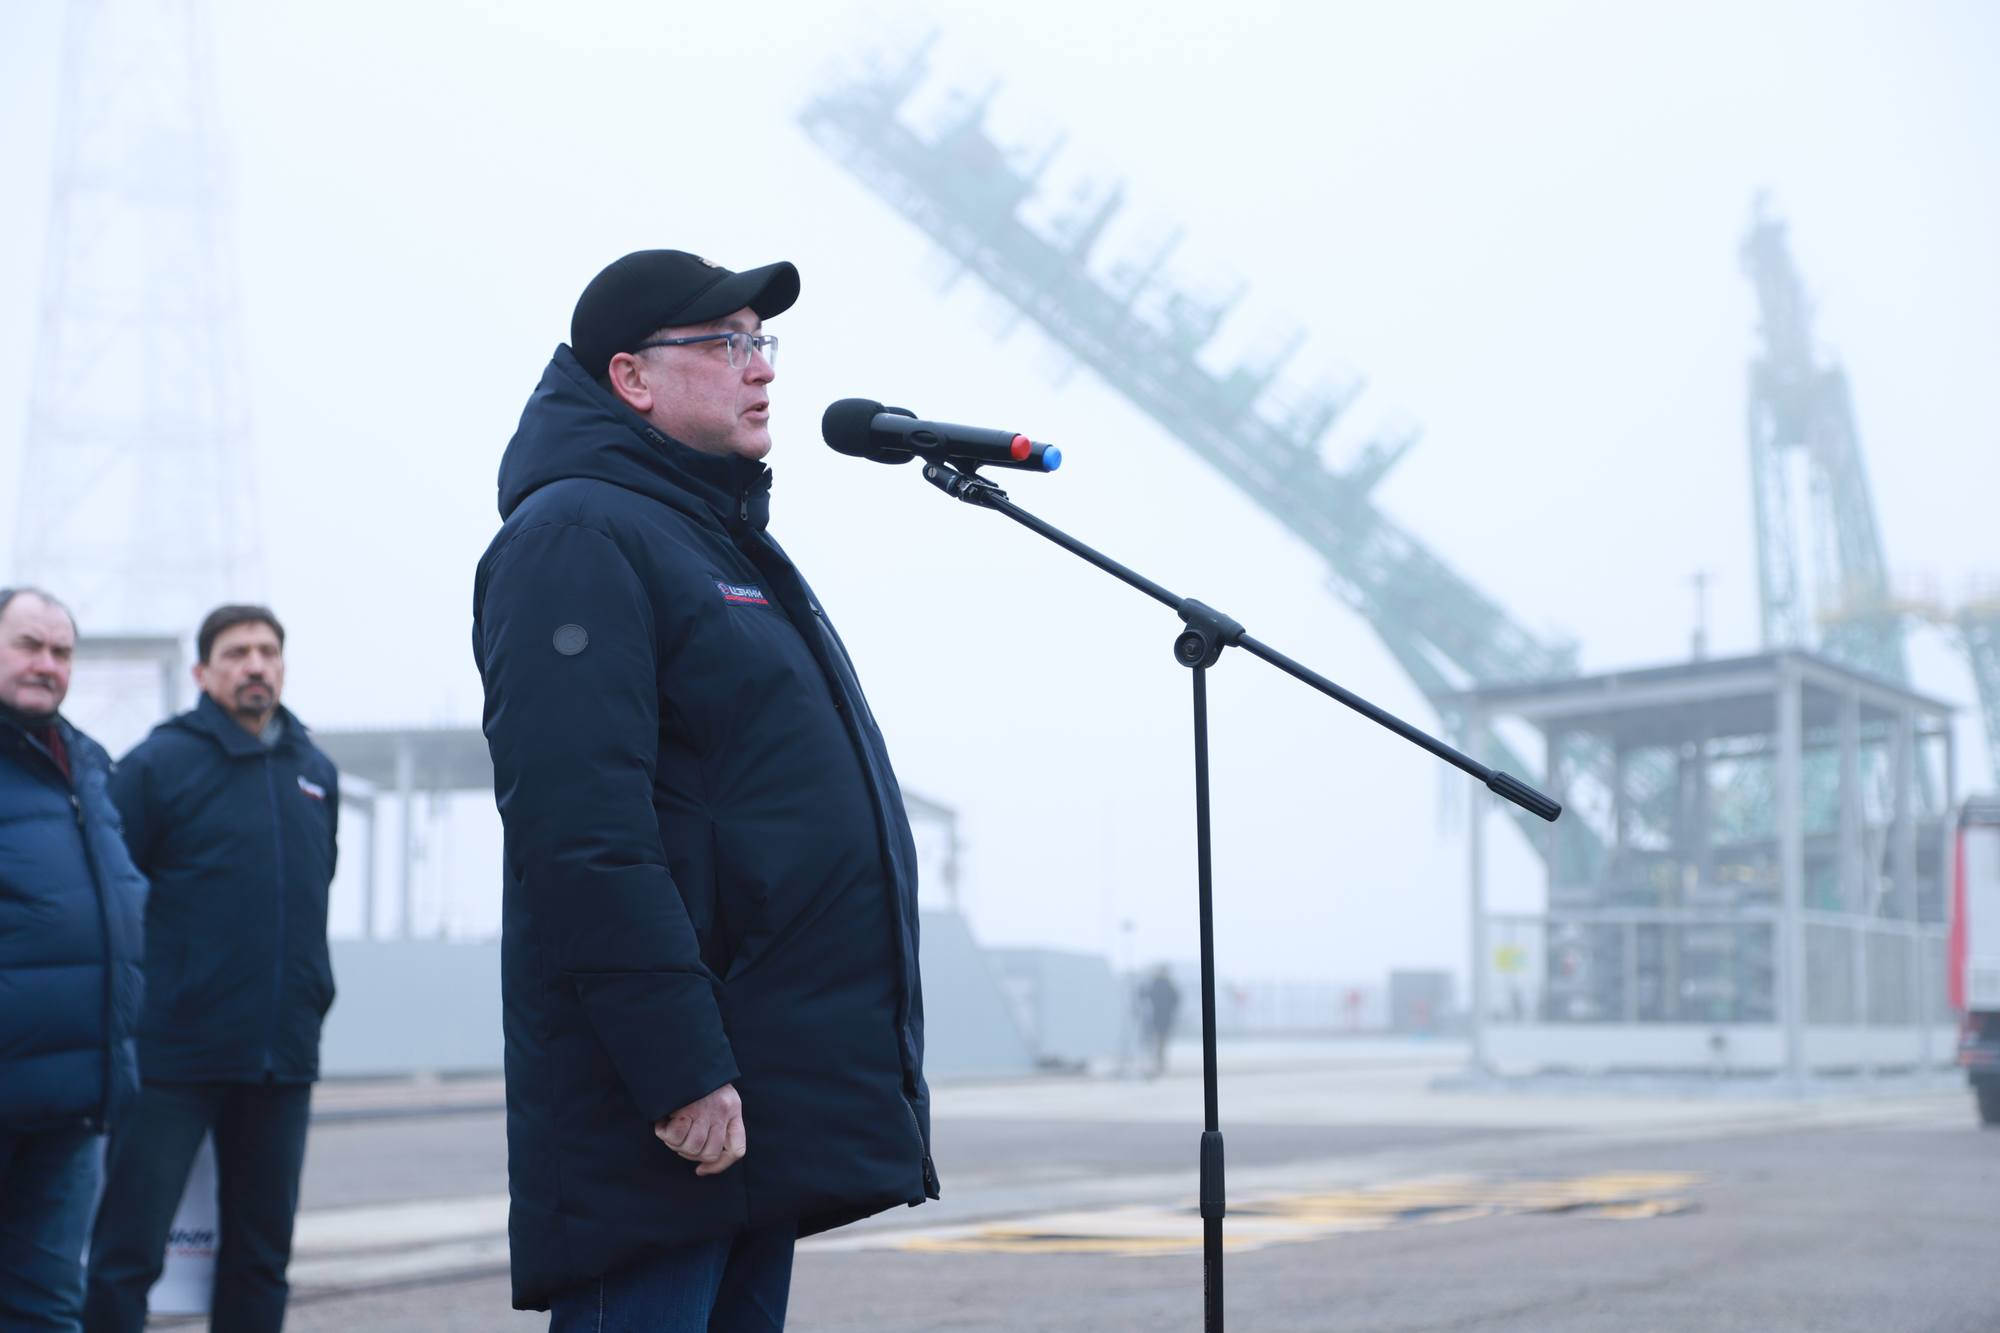 Le directeur du TsENKI (Insfrastructures au sol), Rouslan Moukhamedjanov prend la parole alors que les fermes de la tour de service se referment à la verticale.